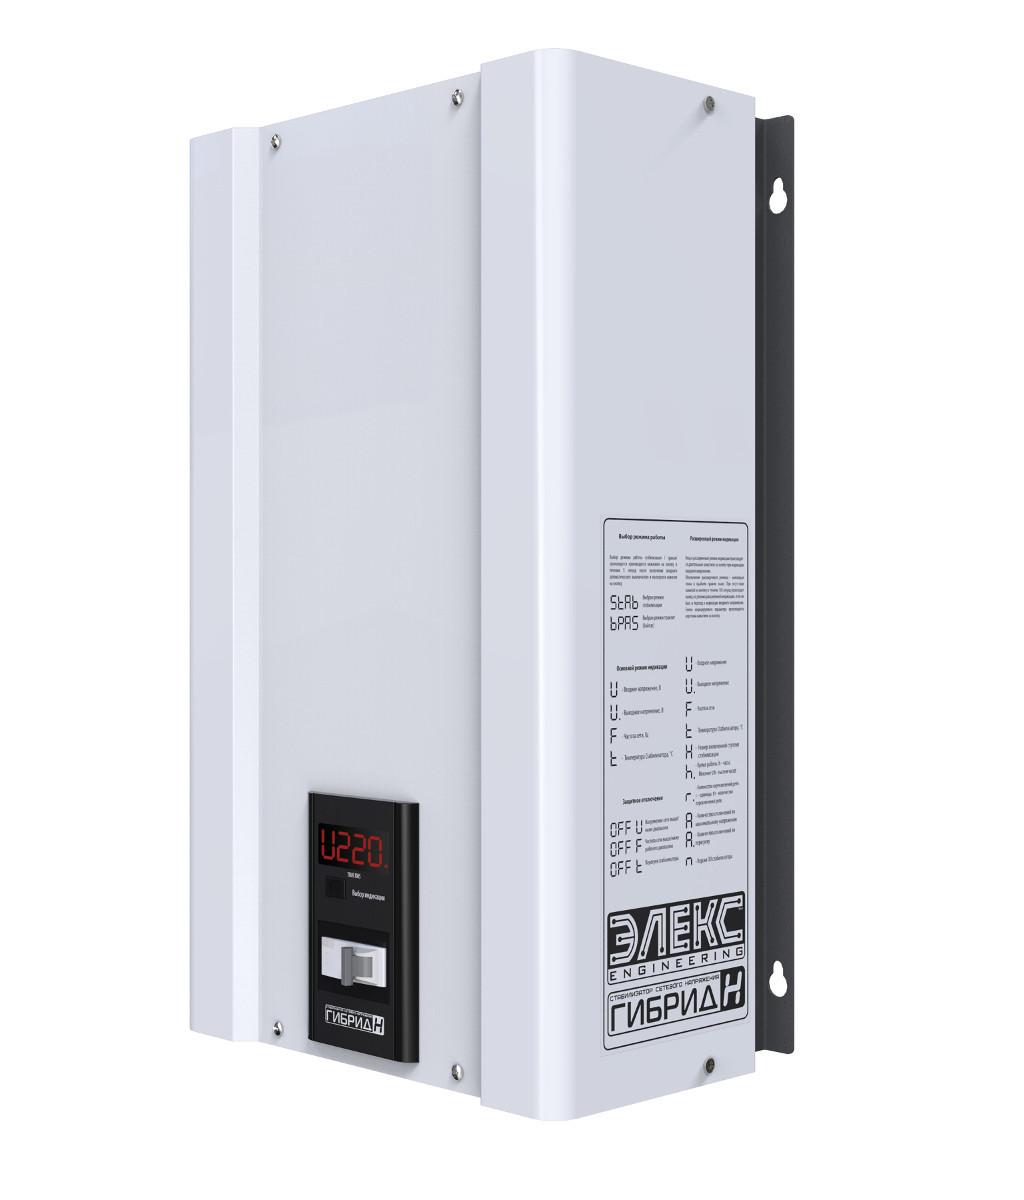 Стабилизатор напряжения Элекс Гибрид 9-1/32A 7кВт V2.0